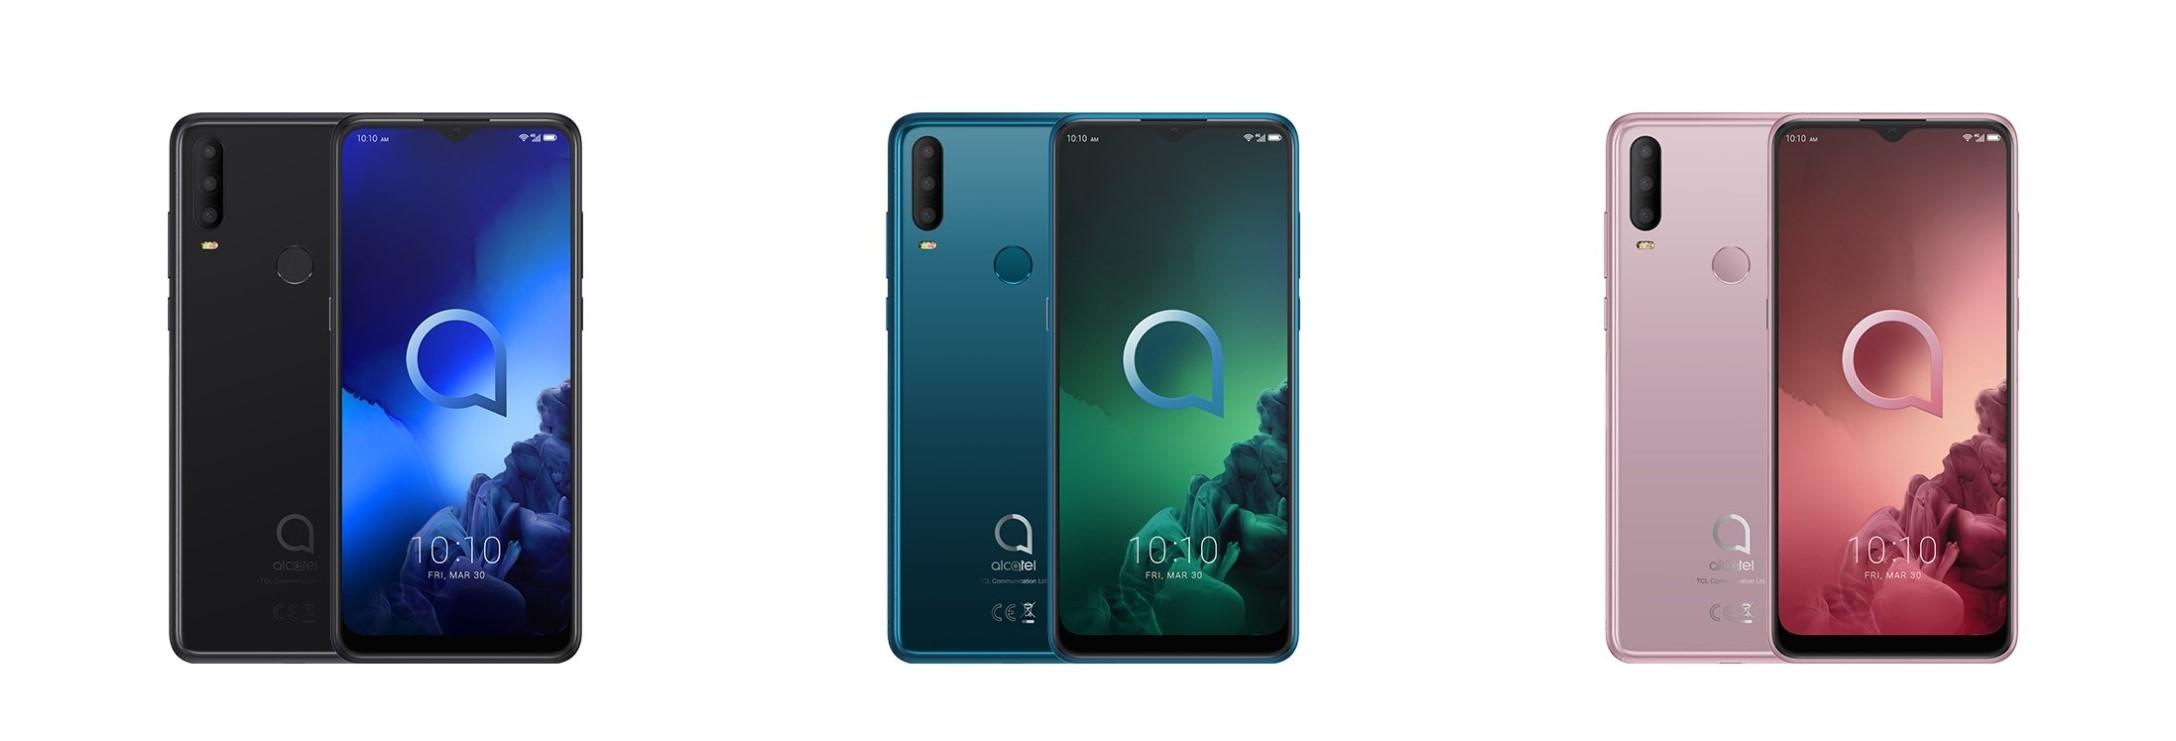 Alcatel 3x 2019 - cena smartfona w Polsce nie odbiega od dotychczasowych szacunków